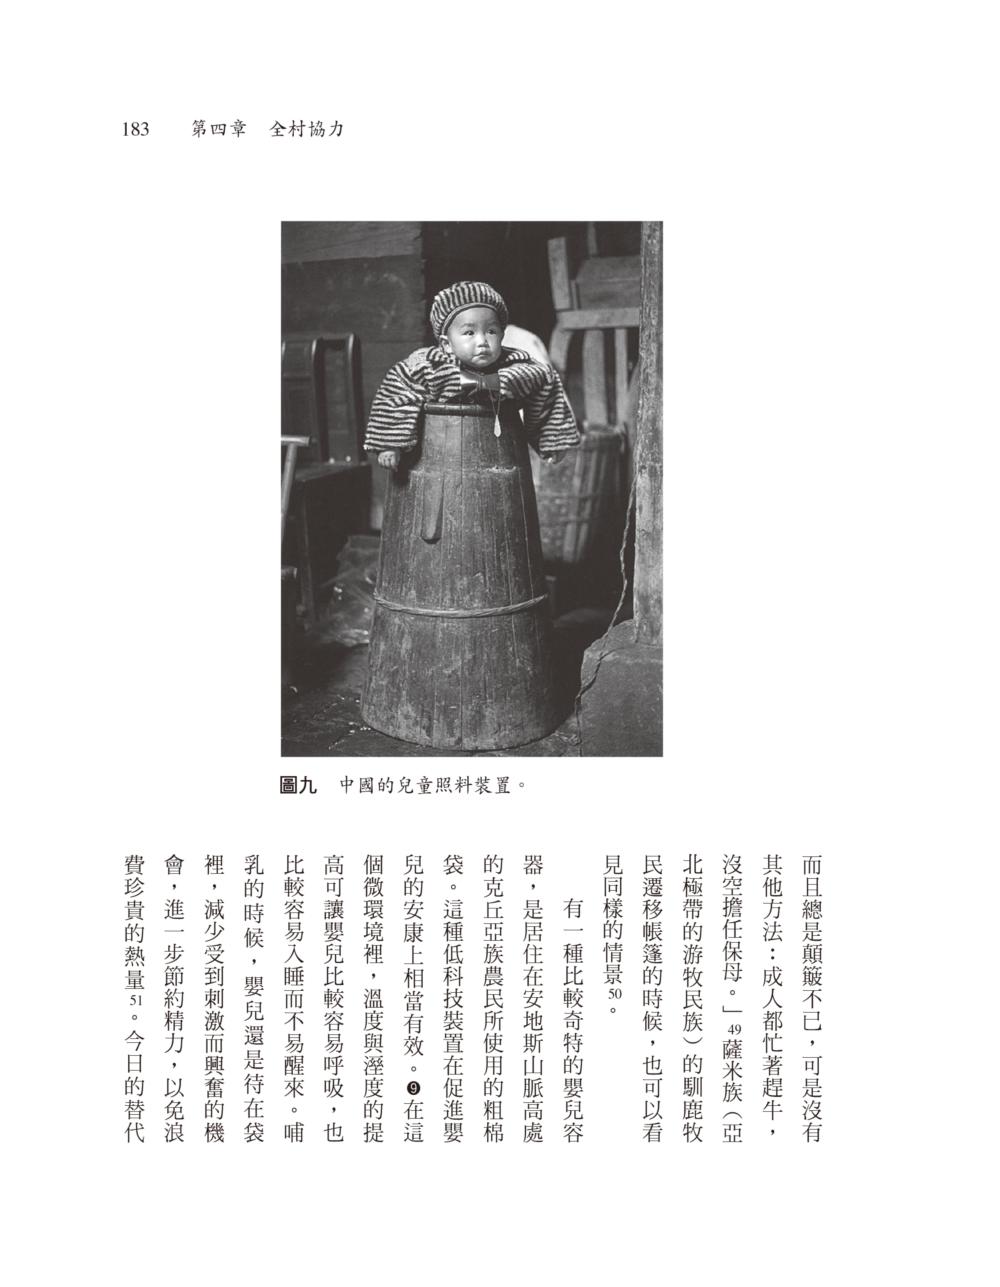 http://im2.book.com.tw/image/getImage?i=http://www.books.com.tw/img/001/076/59/0010765963_b_03.jpg&v=59f0107d&w=655&h=609